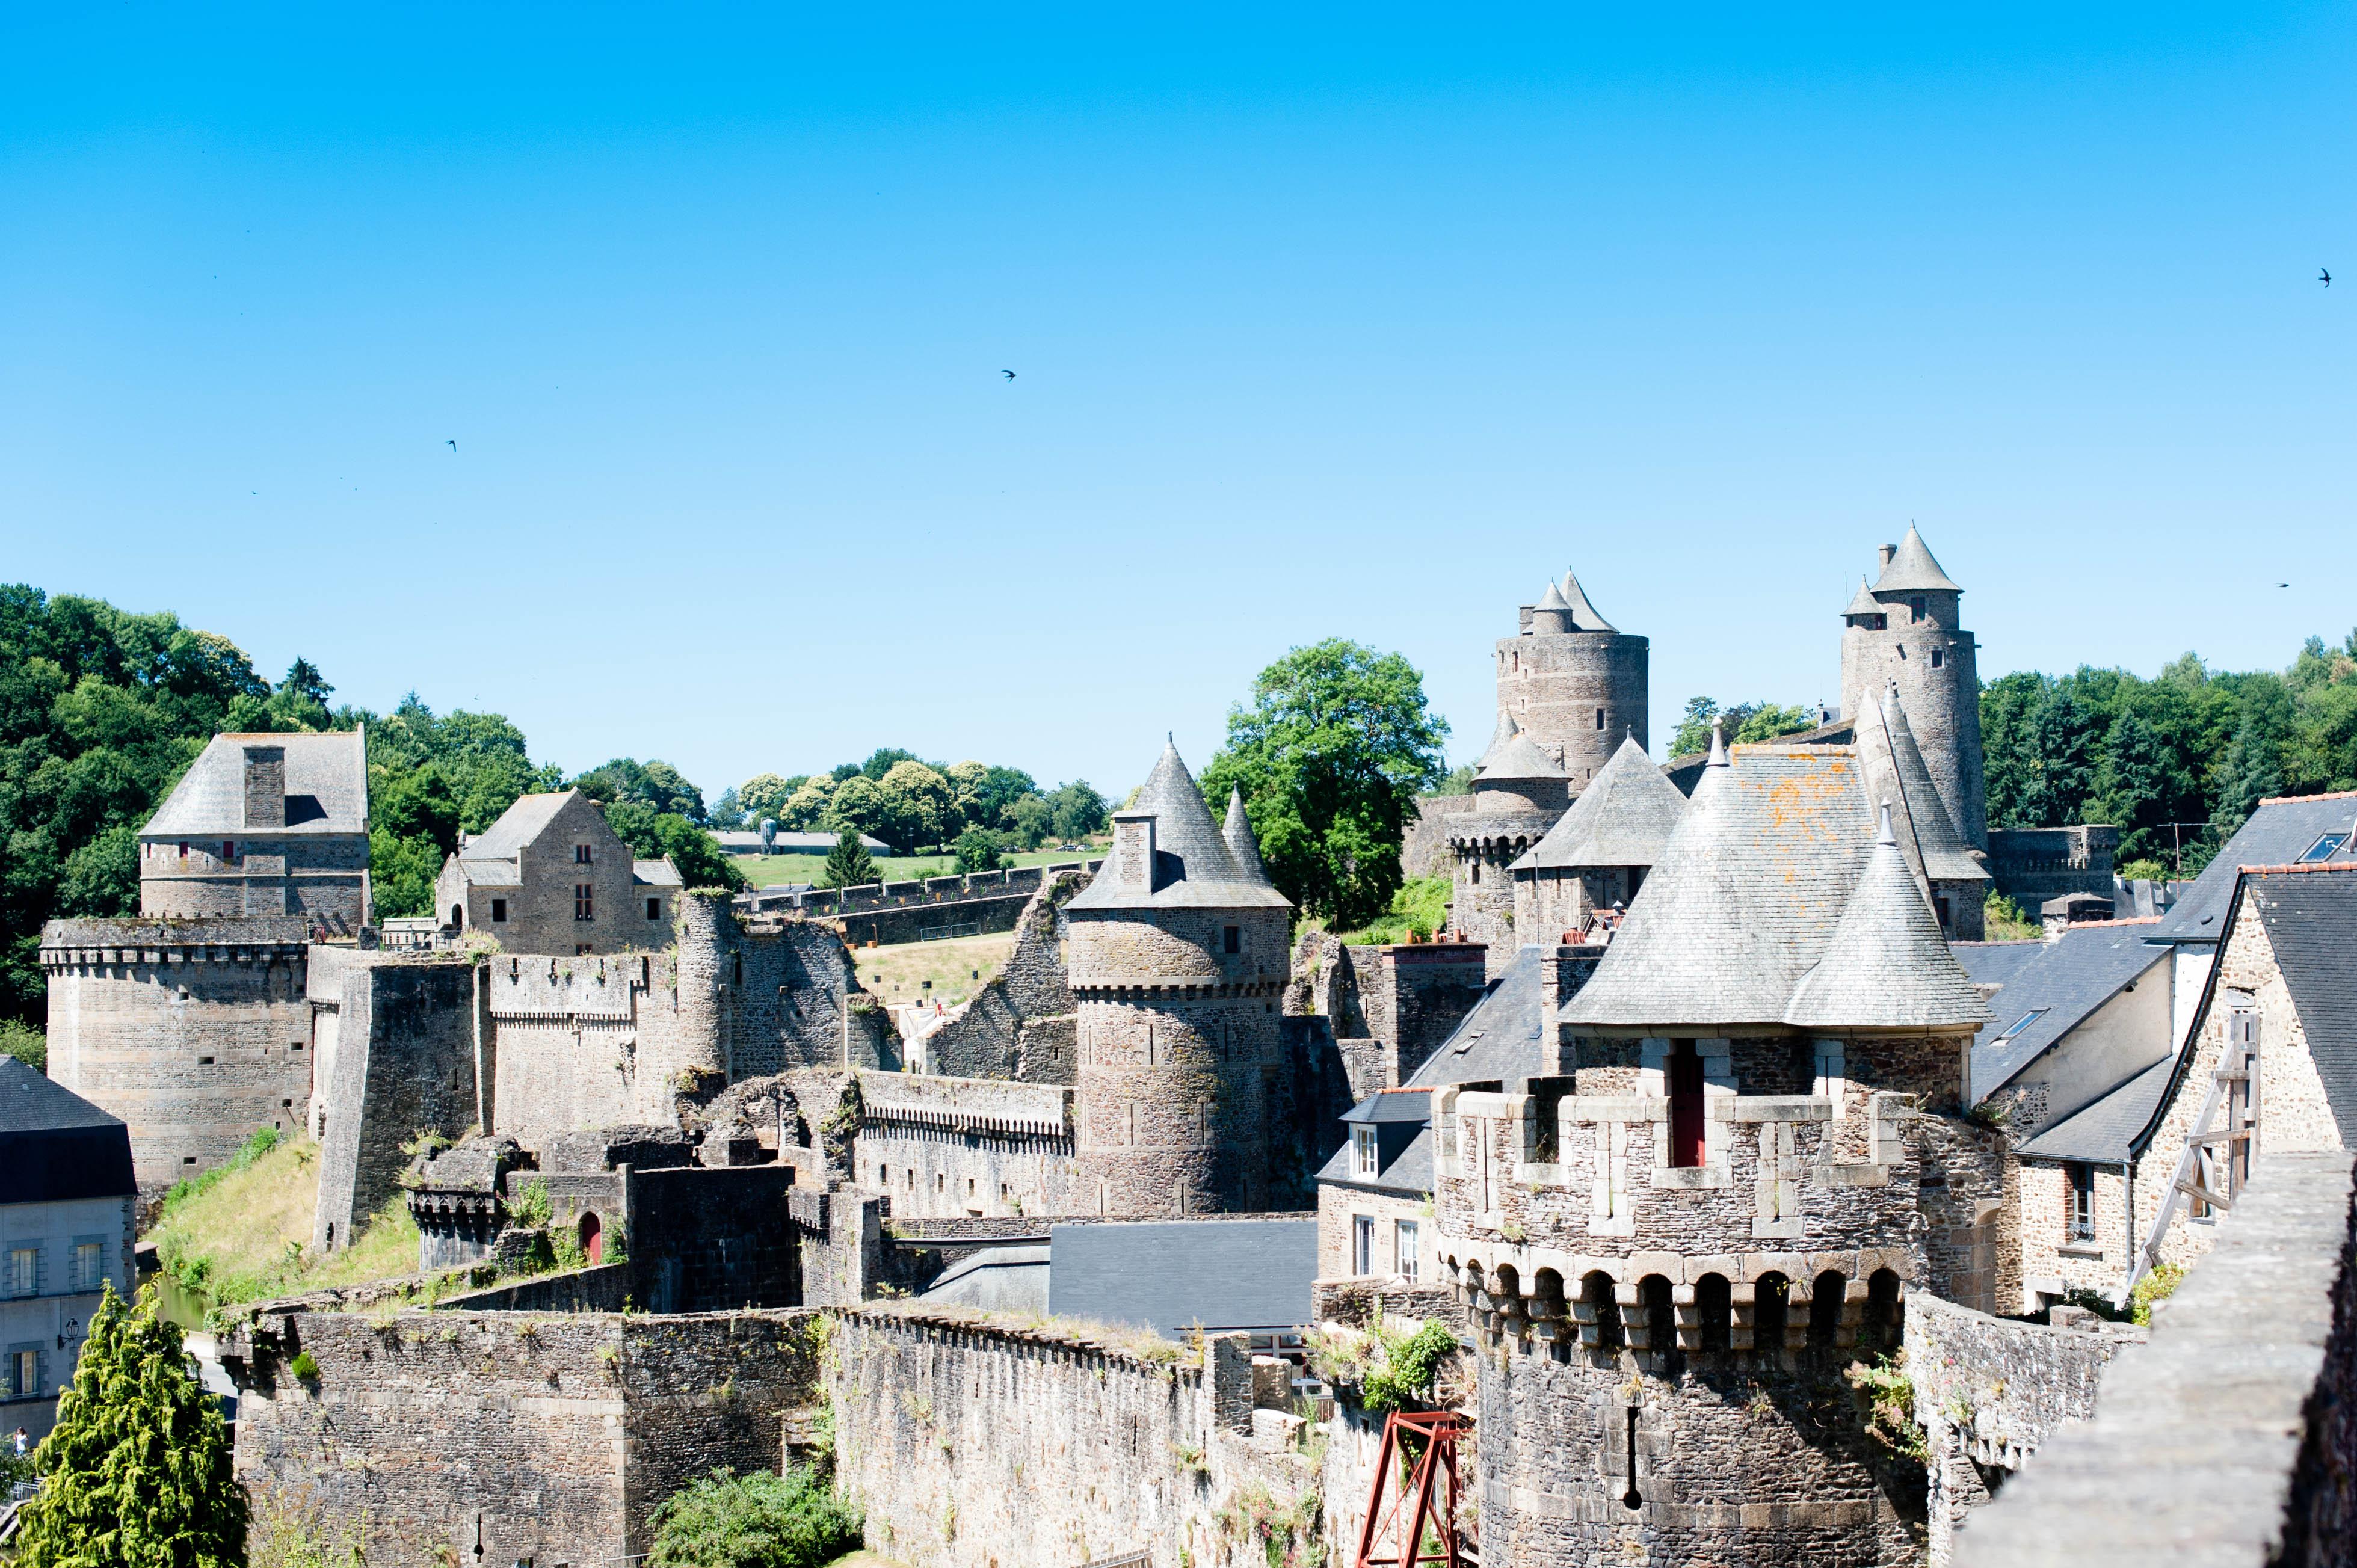 Notre visite au château de Fougères